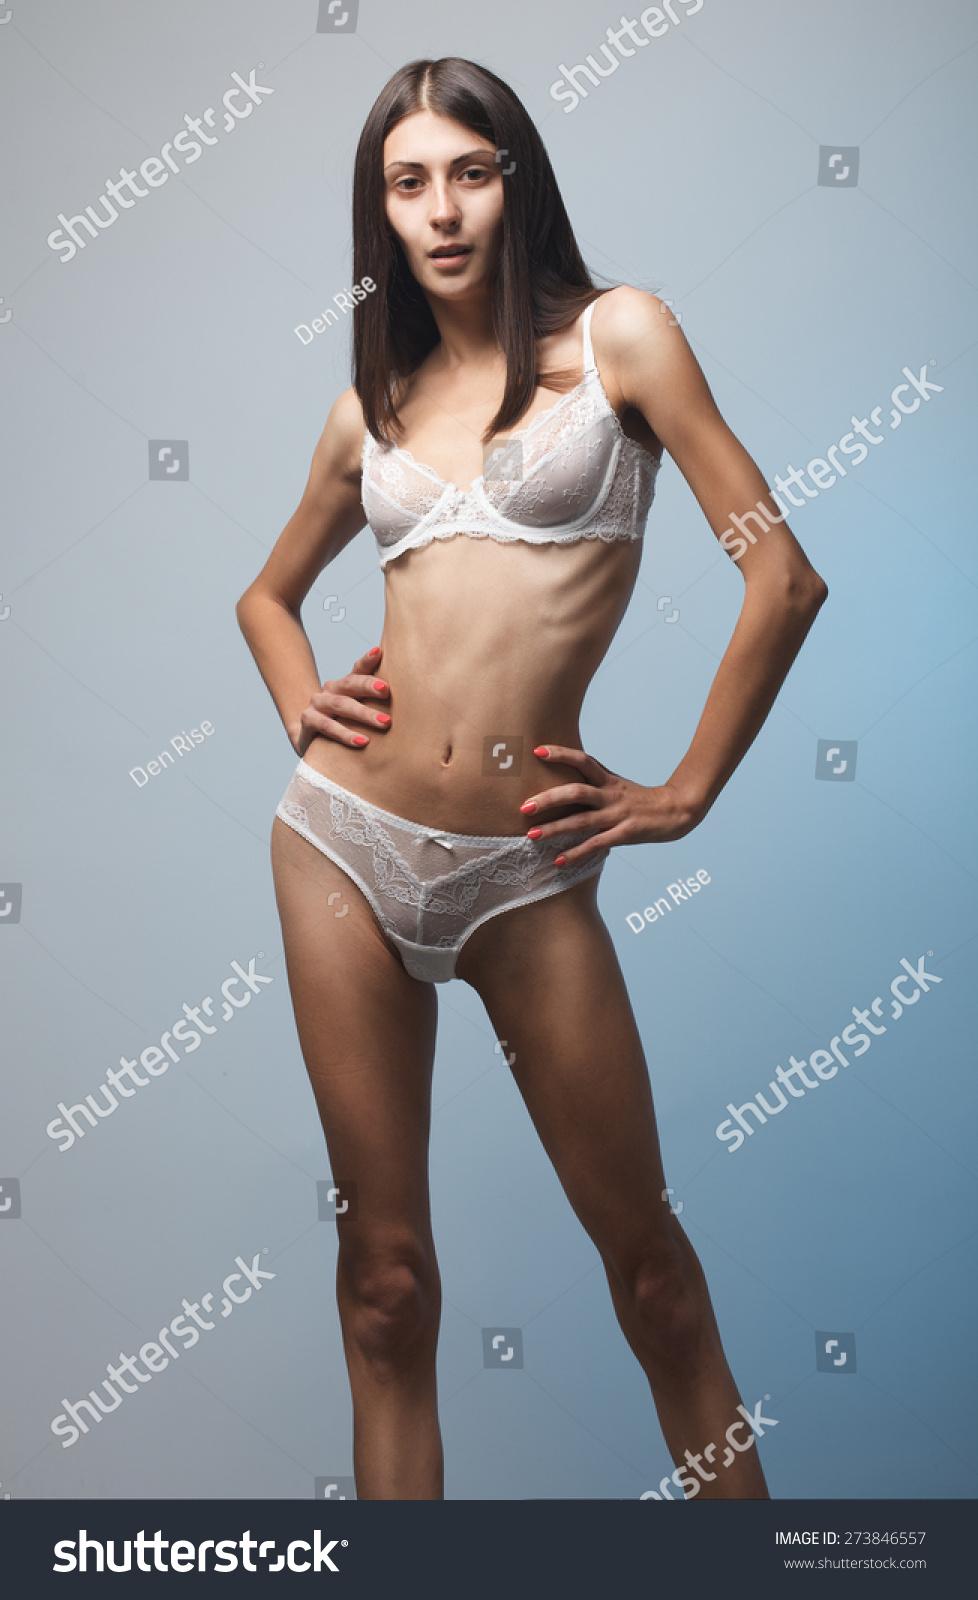 Holly nude lauren been has